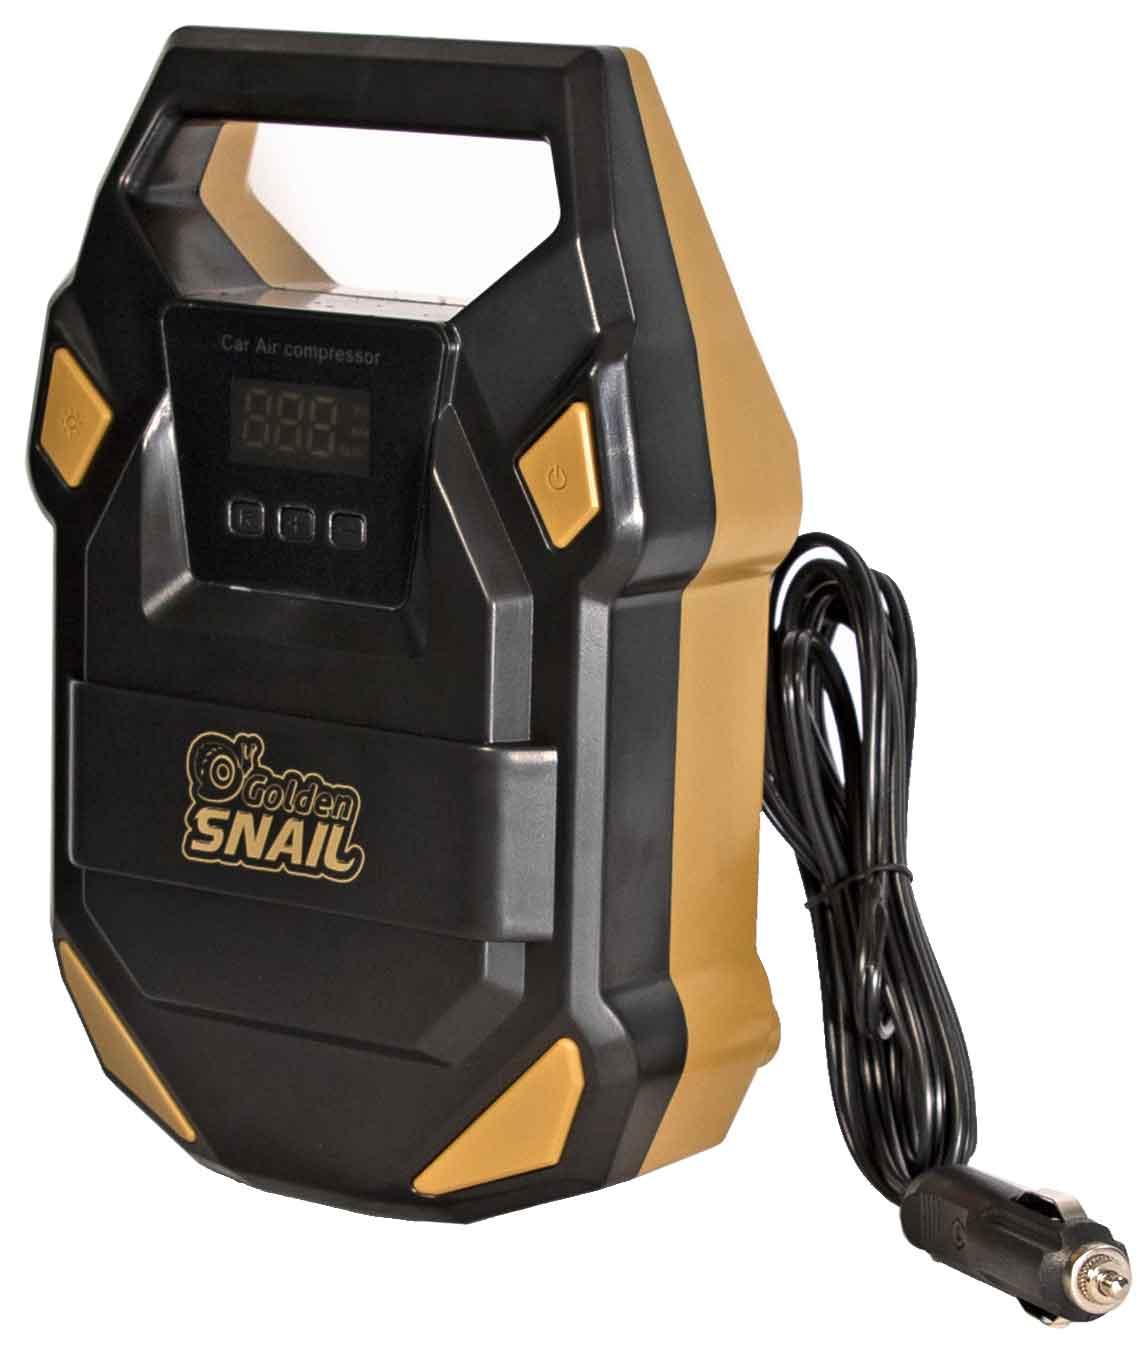 Компрессор автомобильный с индикатором и дисплеем Golden Snail, 35 л